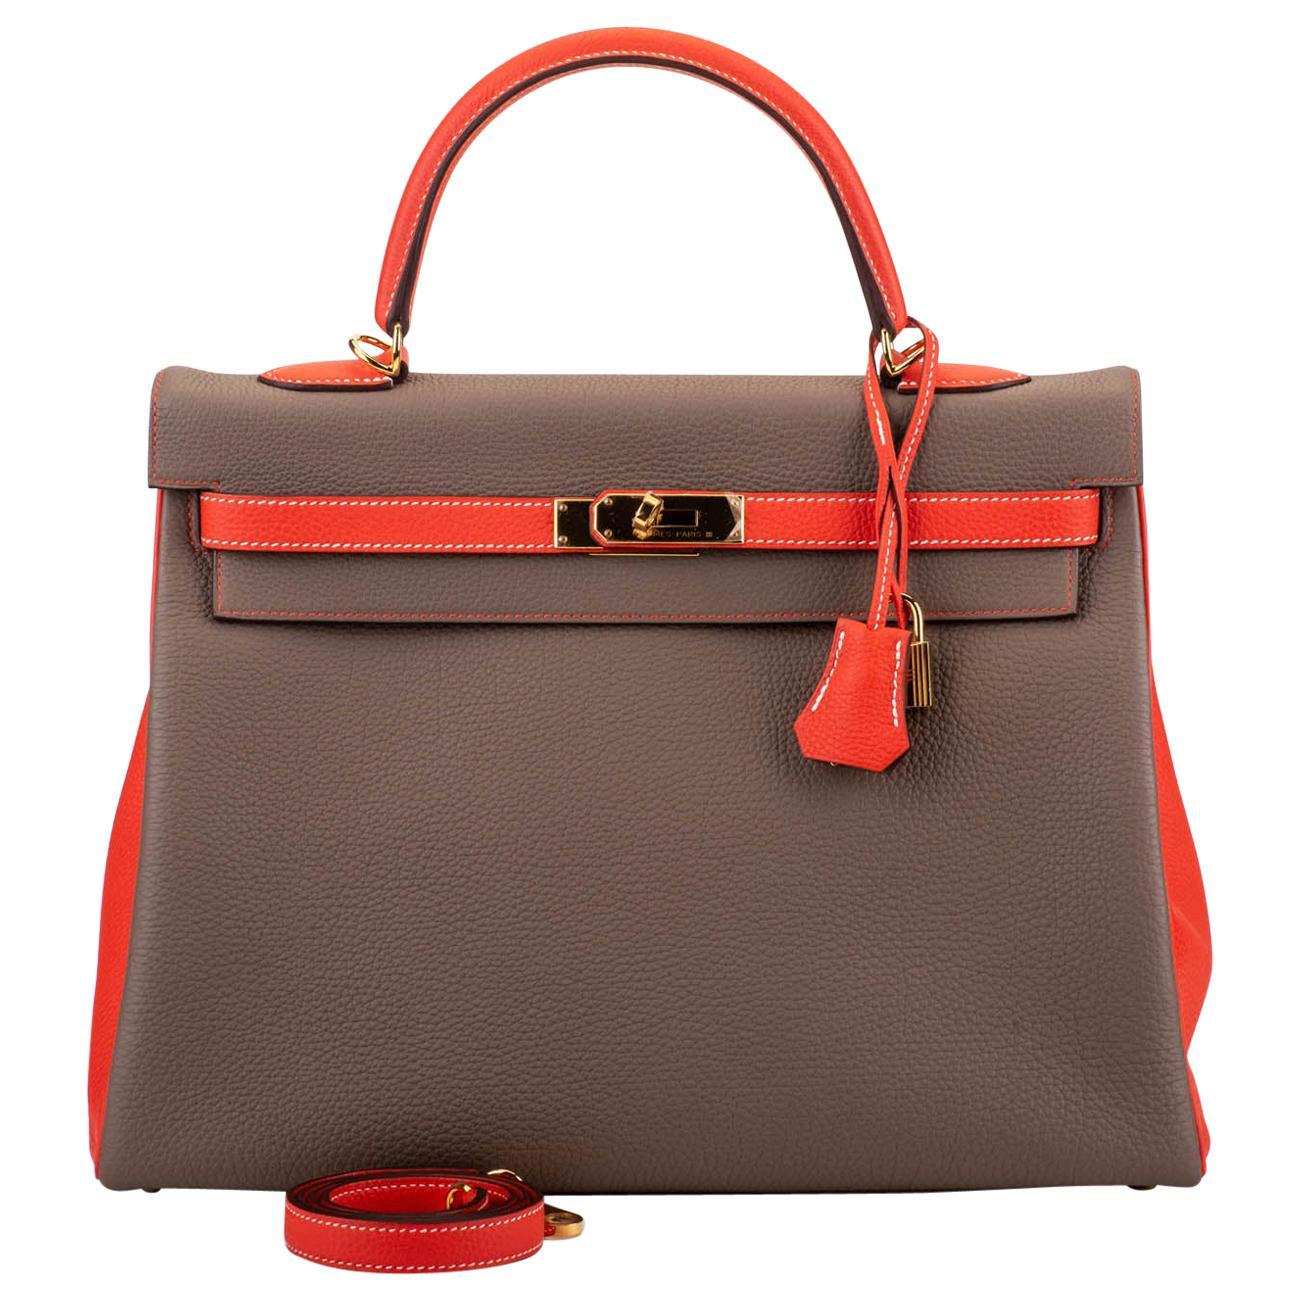 New in Box Hermes Kelly 35Cm Horseshoe Etoupe Pivoine Bag